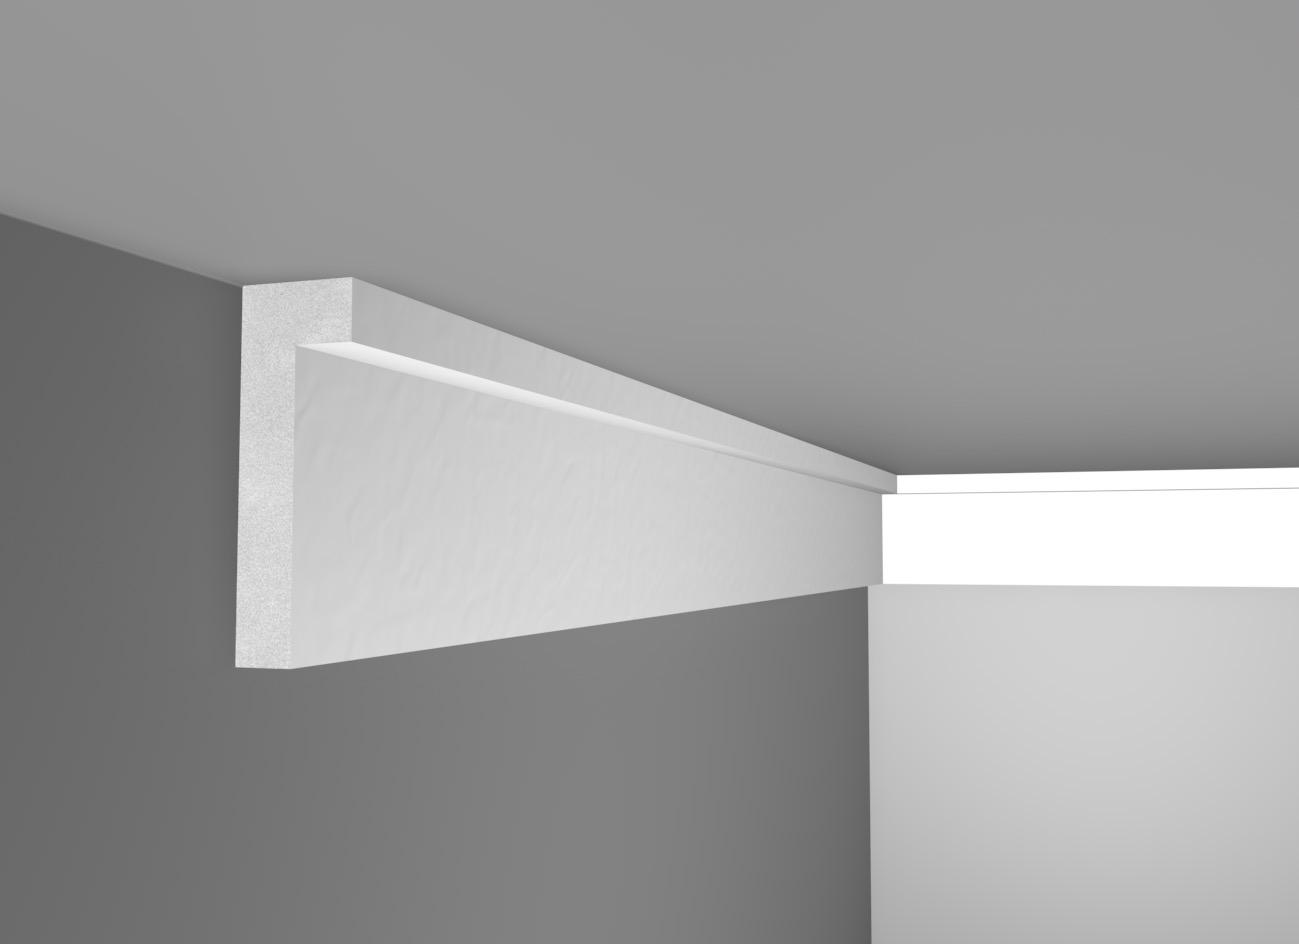 L 12 - Cornice in polistirene gessato bianco - Decorget - Ital Decori - Image 0